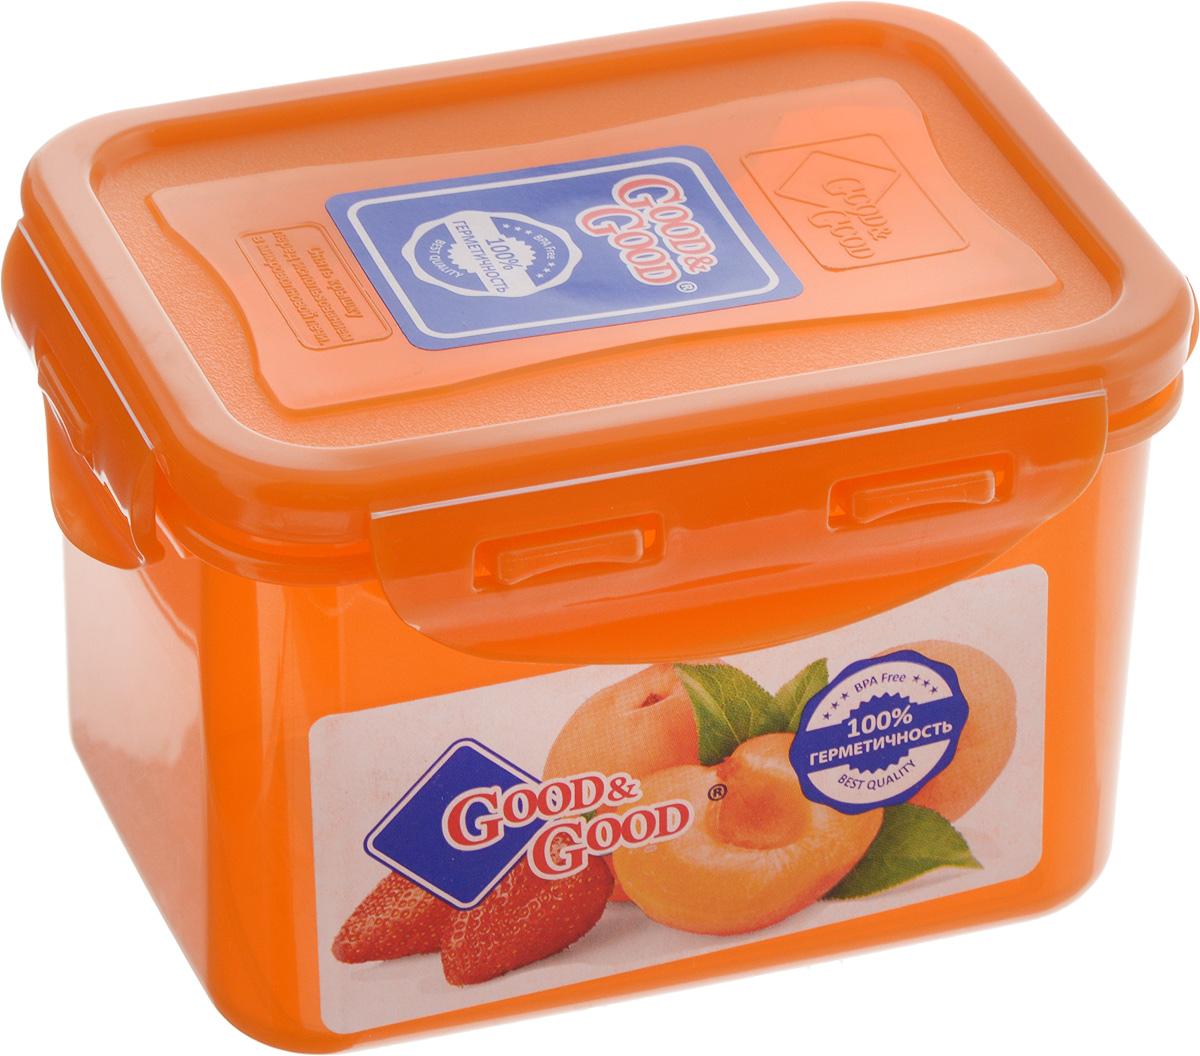 Контейнер пищевой Good&Good, цвет: оранжевый, 630 мл02-2/COLORSПрямоугольный контейнер Good&Good изготовлен извысококачественного полипропилена и предназначен дляхранения любых пищевых продуктов. Благодаря особымтехнологиям изготовления, лотки в течение временислужбы не меняют цвет и не пропитываются запахами. Крышкас силиконовой вставкой герметично защелкиваетсяспециальным механизмом.Контейнер Good&Good удобен для ежедневногоиспользования в быту. Можно мыть в посудомоечной машине и использовать вмикроволновой печи. Размер контейнера (с учетом крышки): 13 х 10 х 8,5 см.